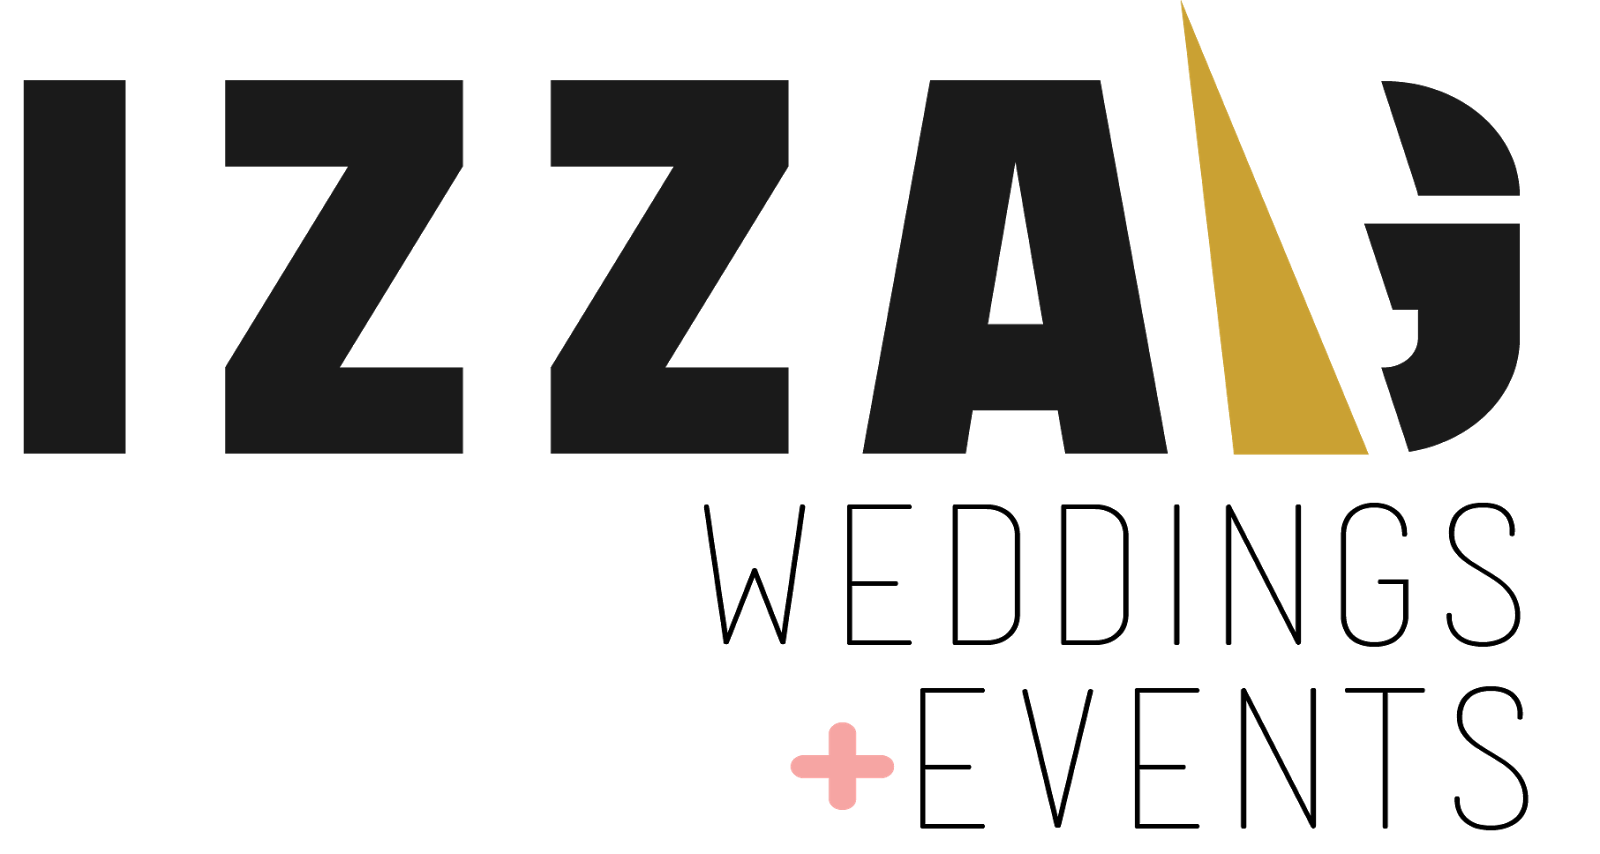 izzaGevents